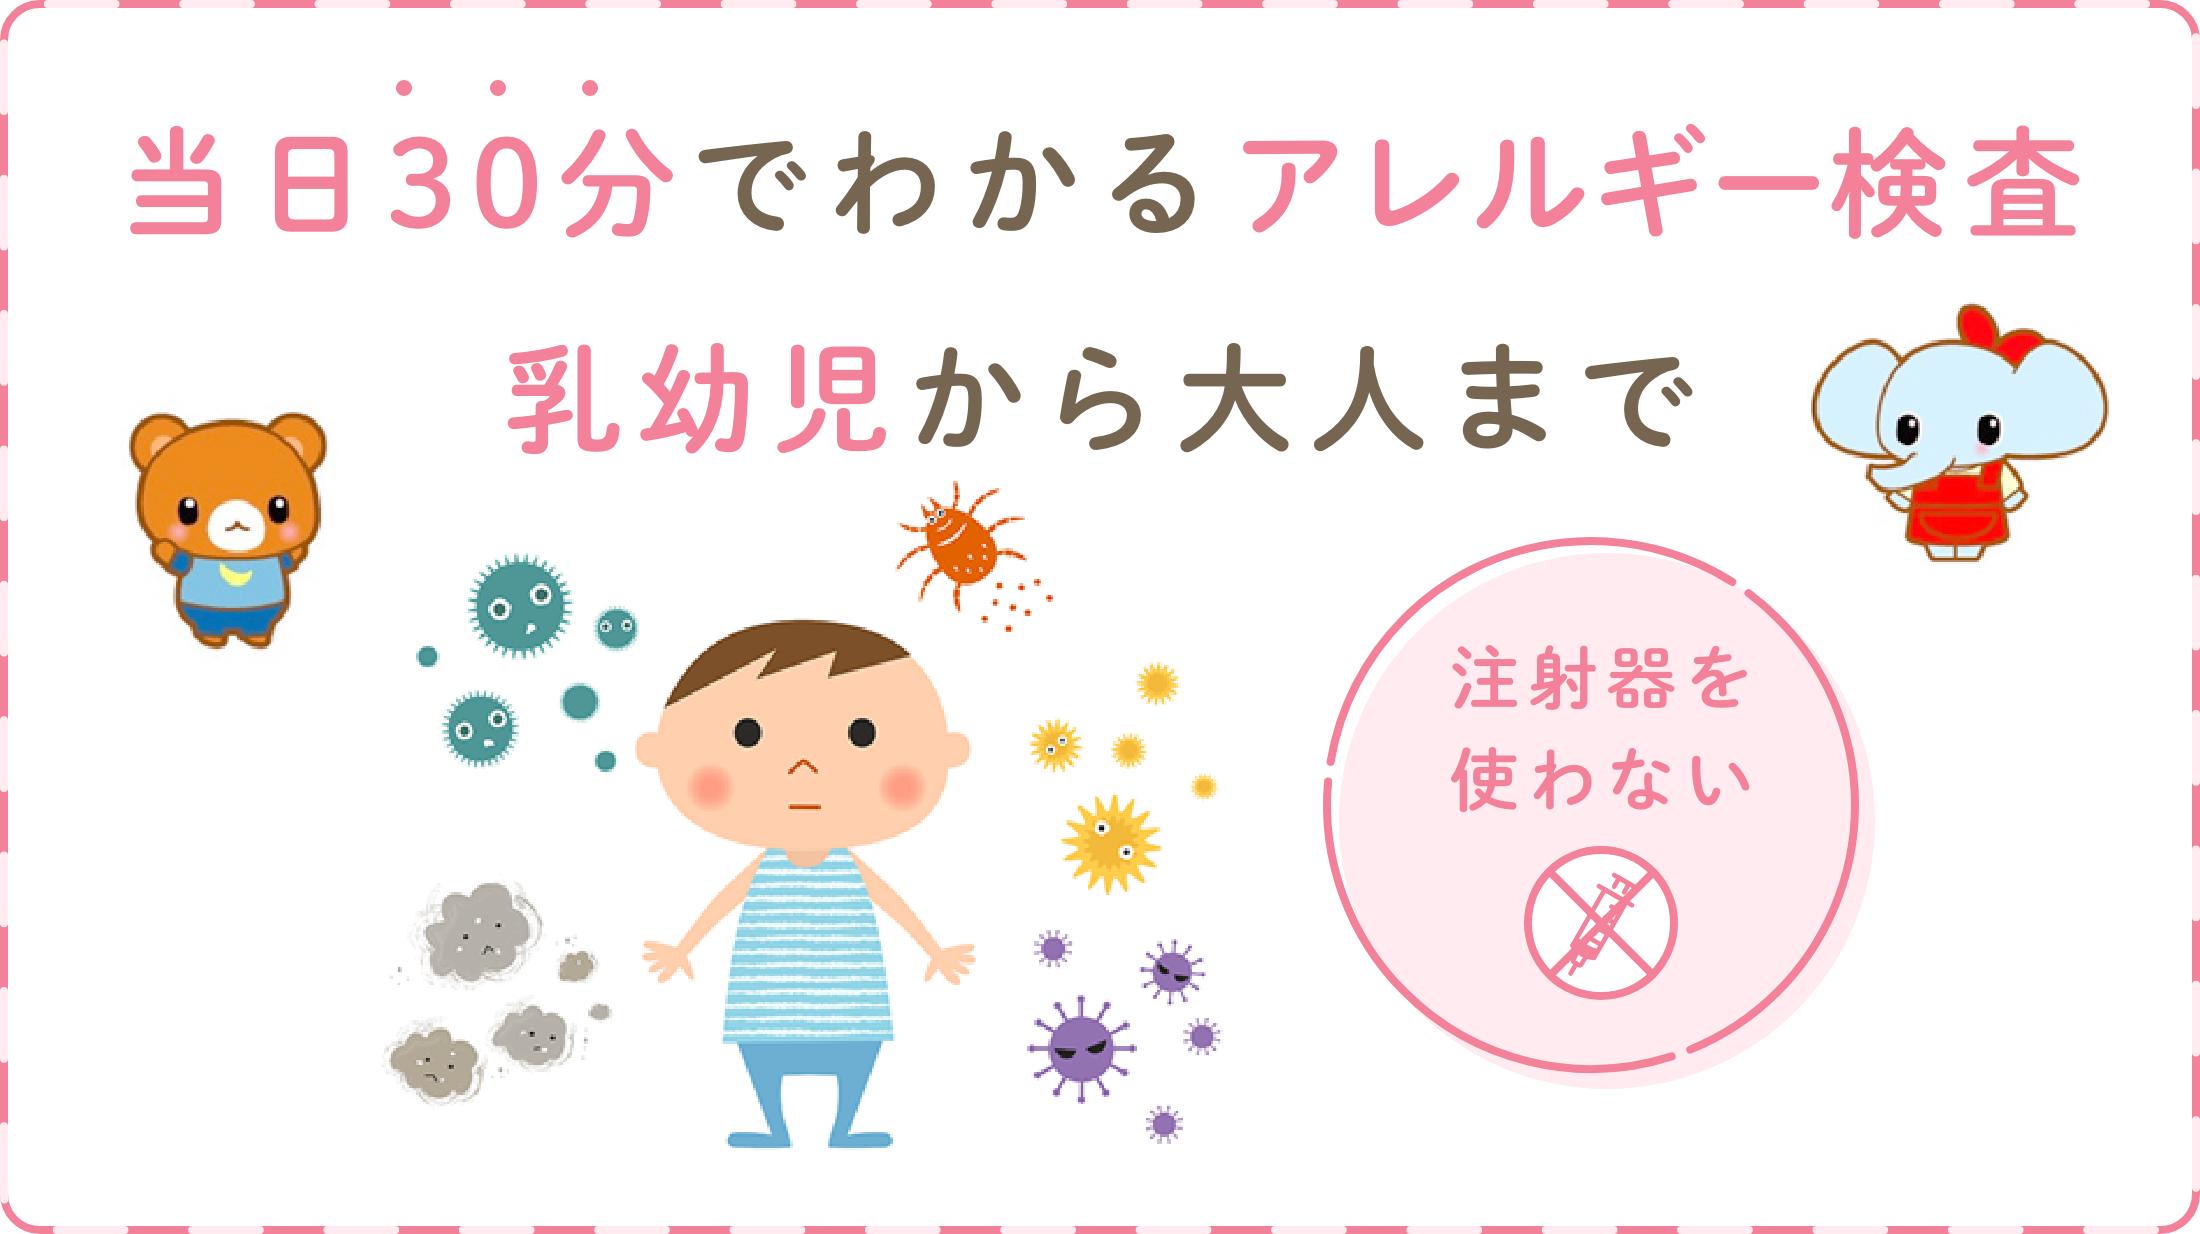 当日30分でわかるアレルギー検査 乳幼児から大人まで